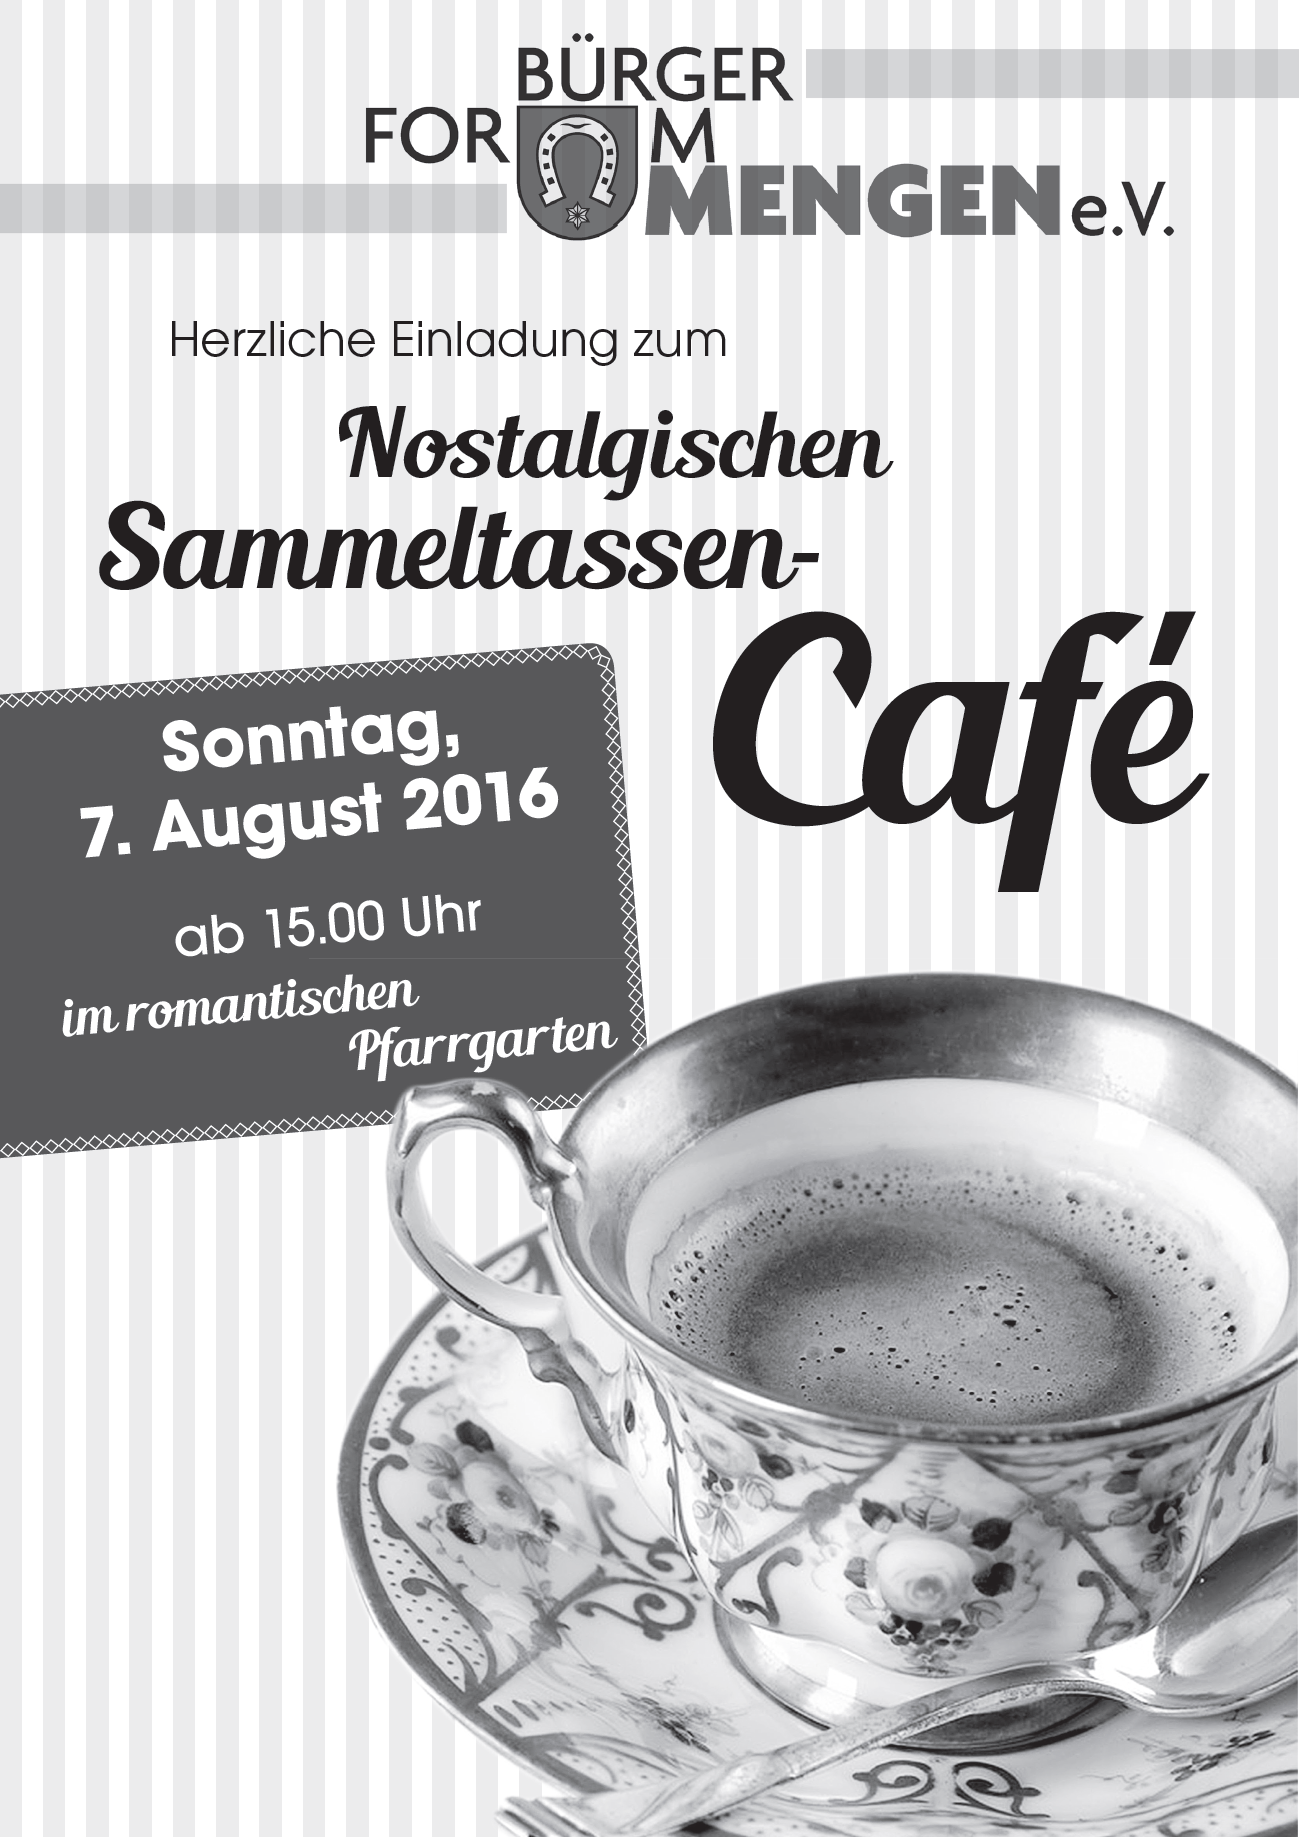 Sammeltassen CafeAug16